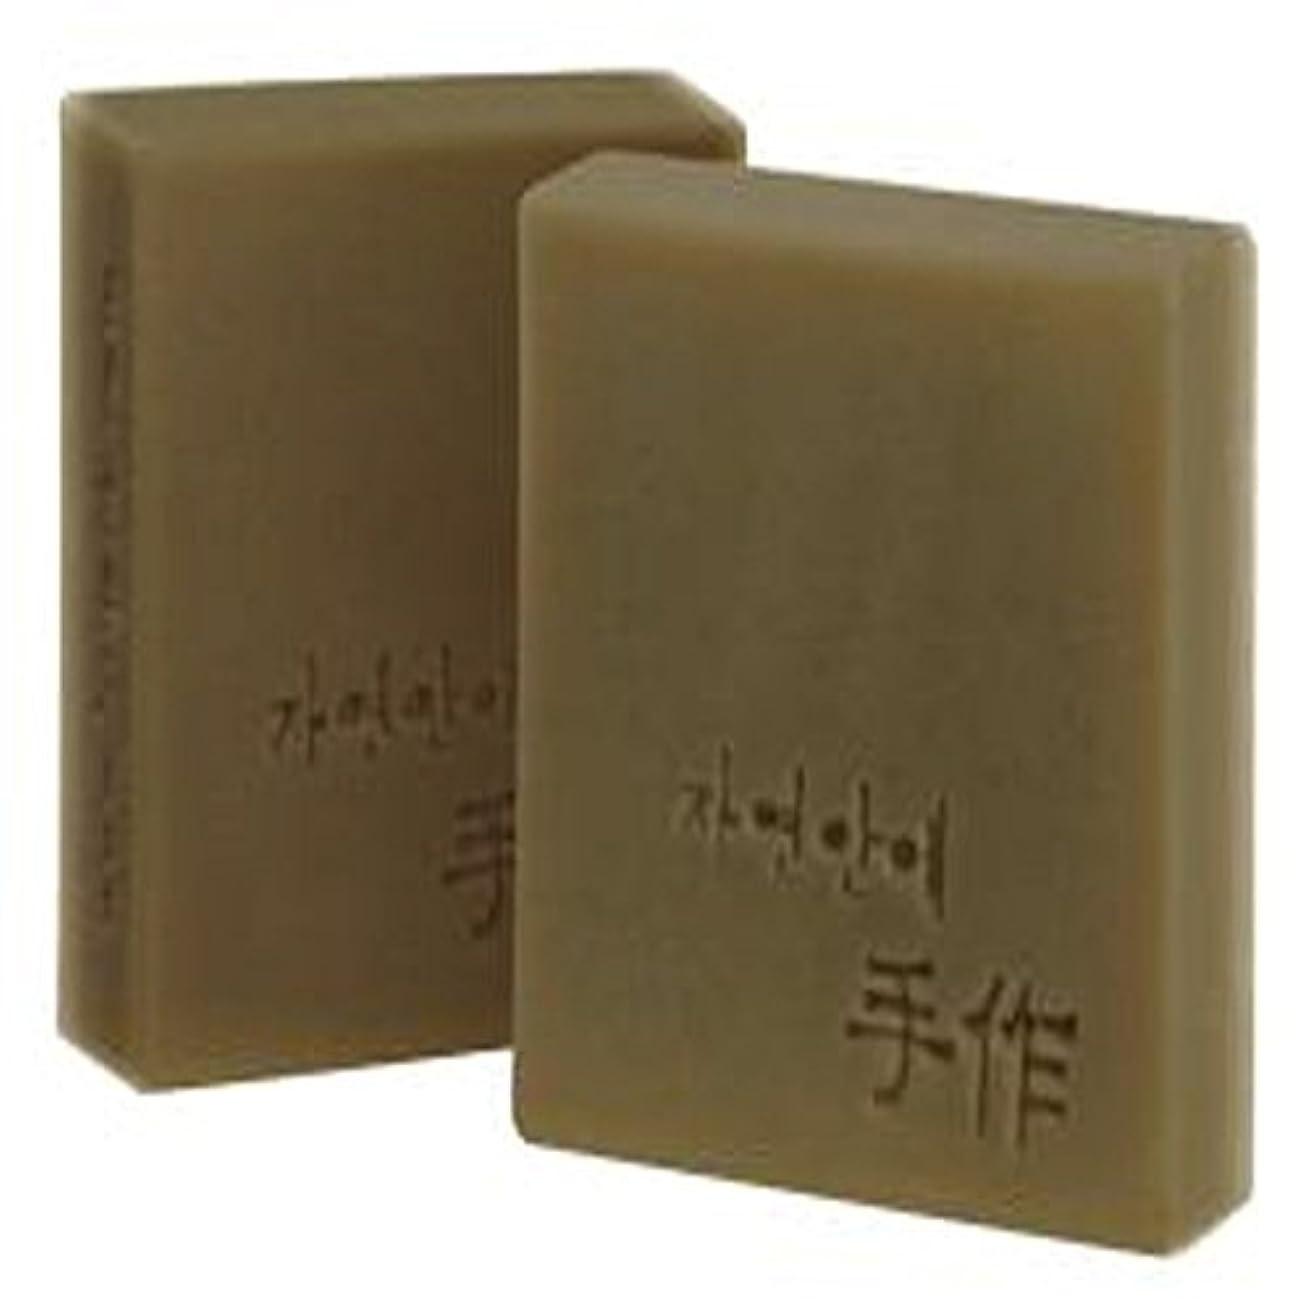 従順な覗くレビュアーNatural organic 有機天然ソープ 固形 無添加 洗顔せっけんクレンジング 石鹸 [並行輸入品] (カボチャ)